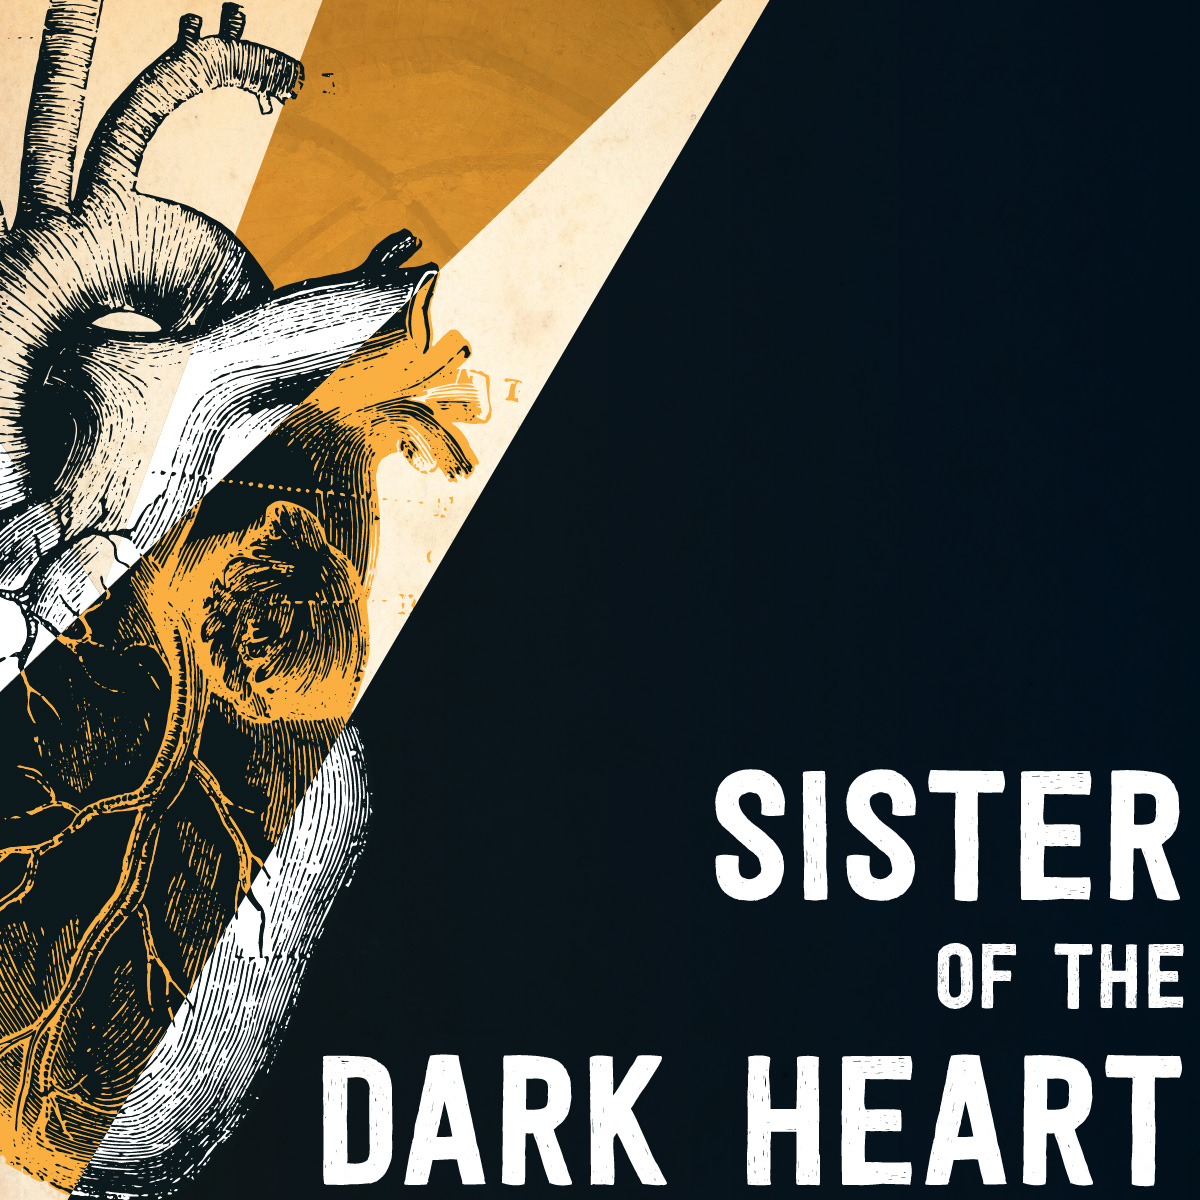 sister_of_the_dark_heart_social_heart_half.jpg